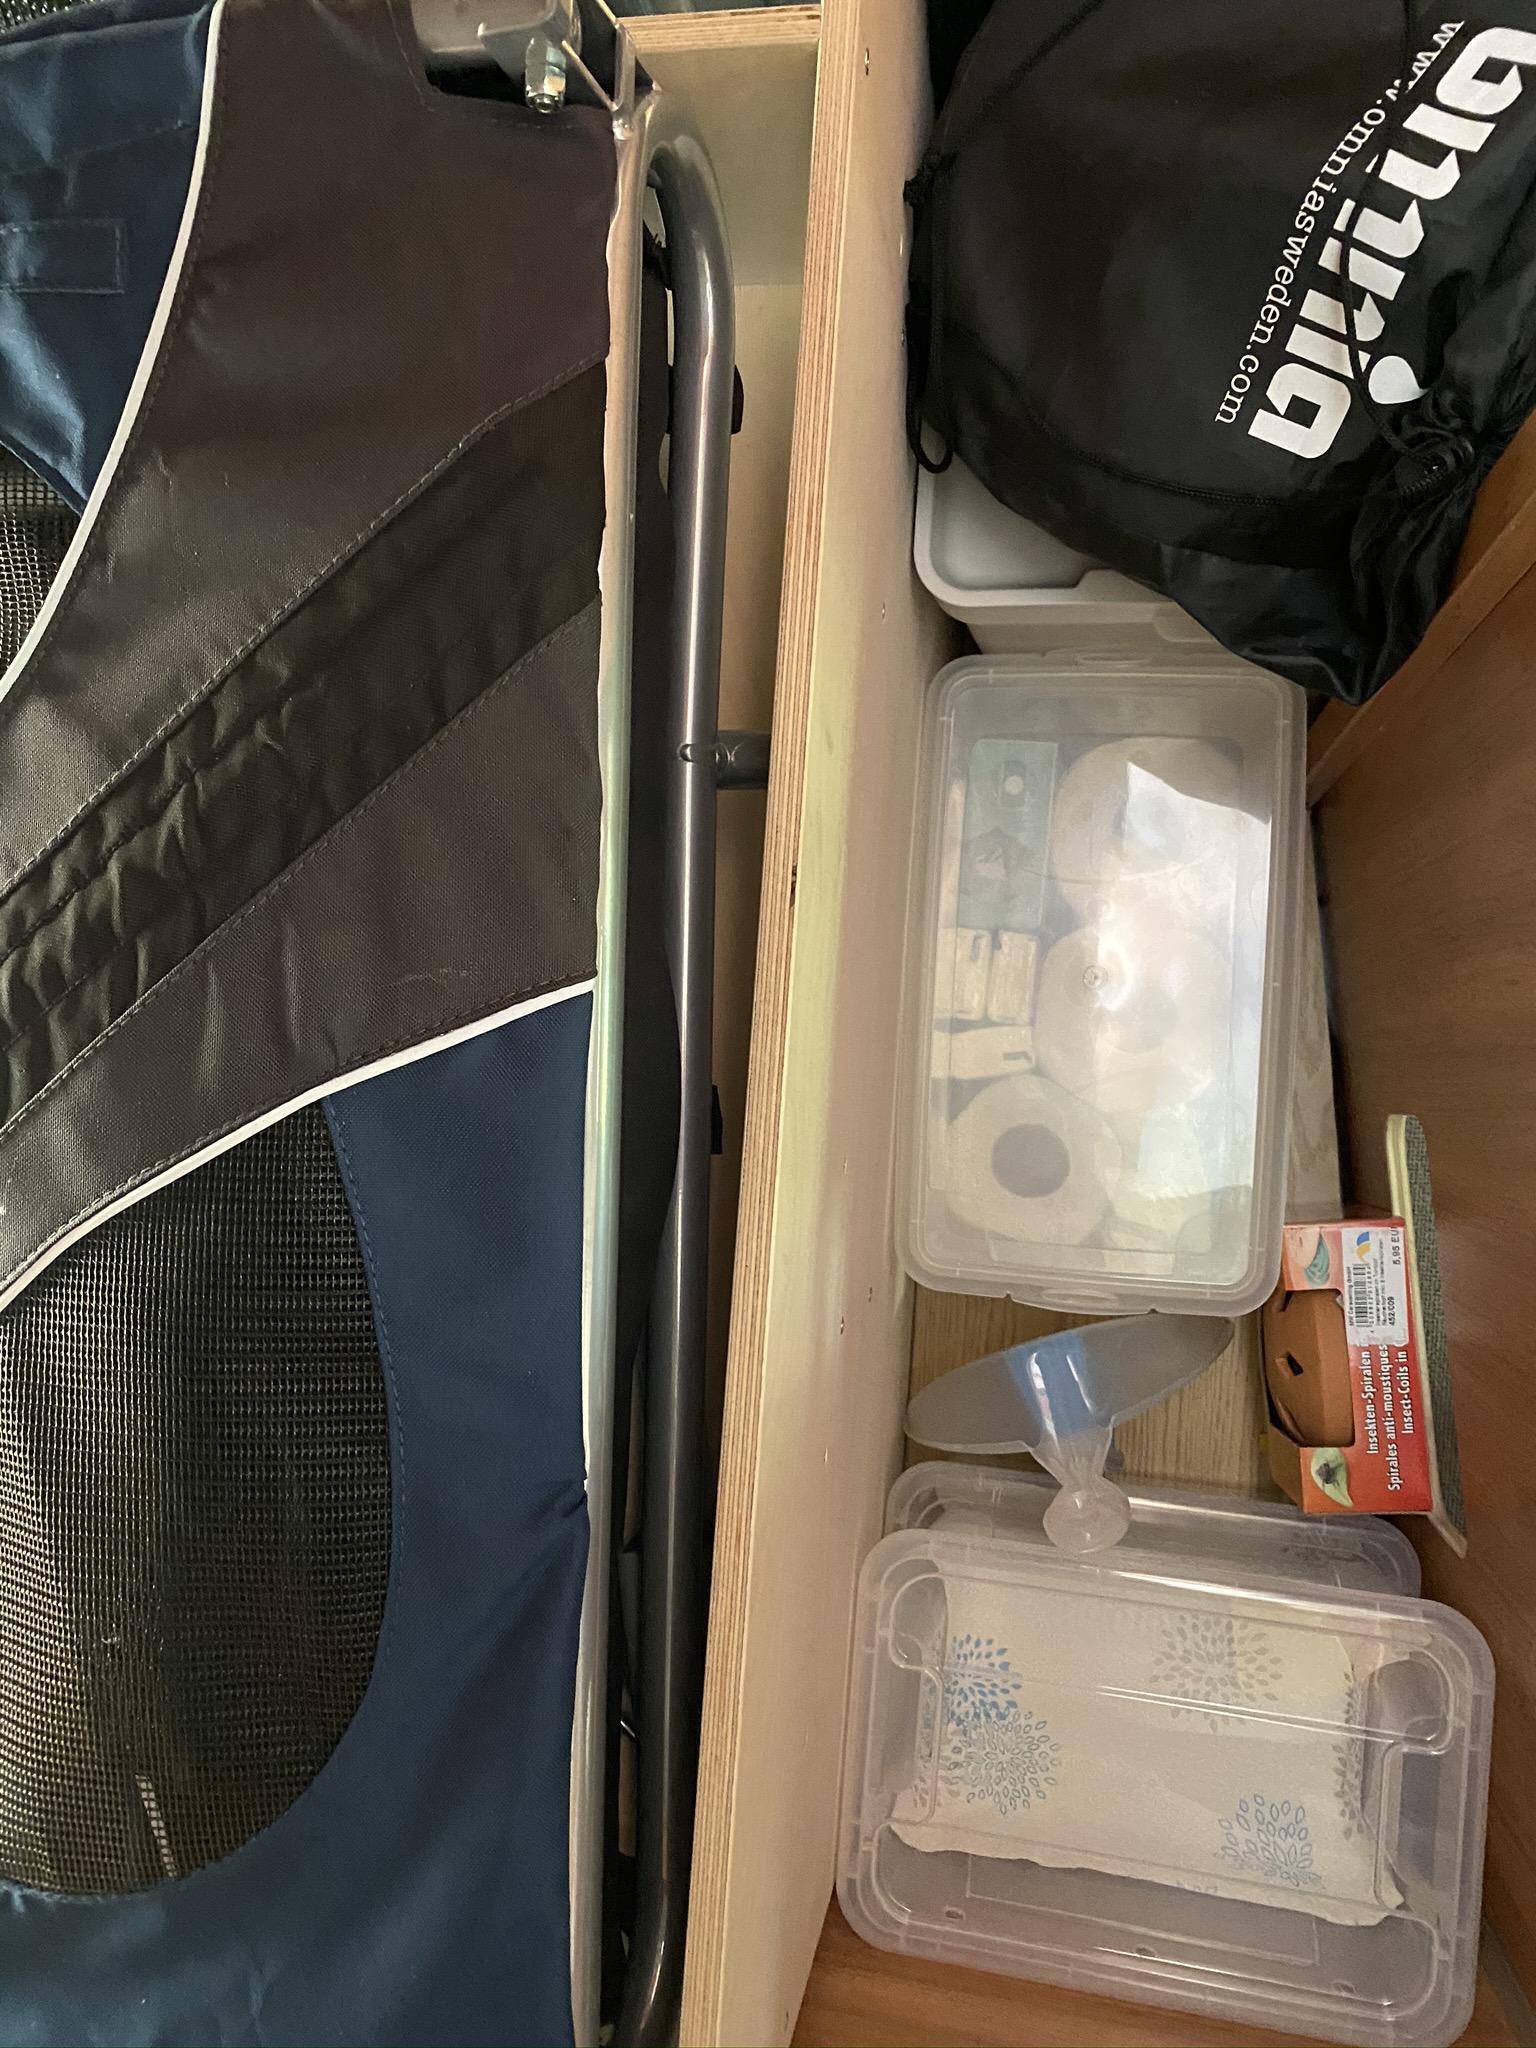 Der Omnia findet Platz auf dem Hundefutter, auf die Kiste für Kartoffeln wird eine weitere Kiste für Zweibeln gestapelt.